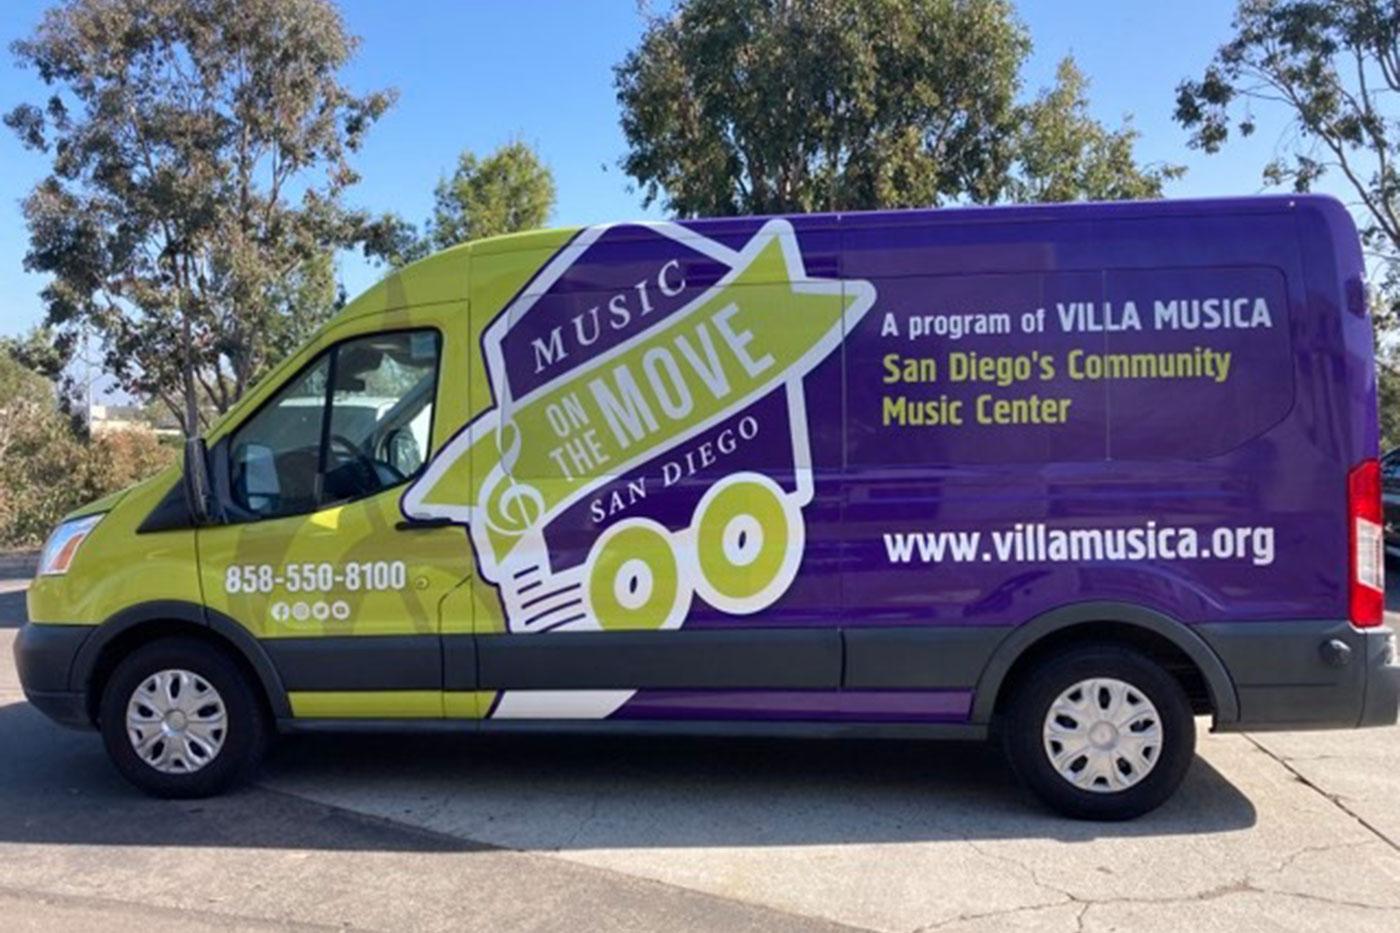 Villa Musica's Music on the Move van